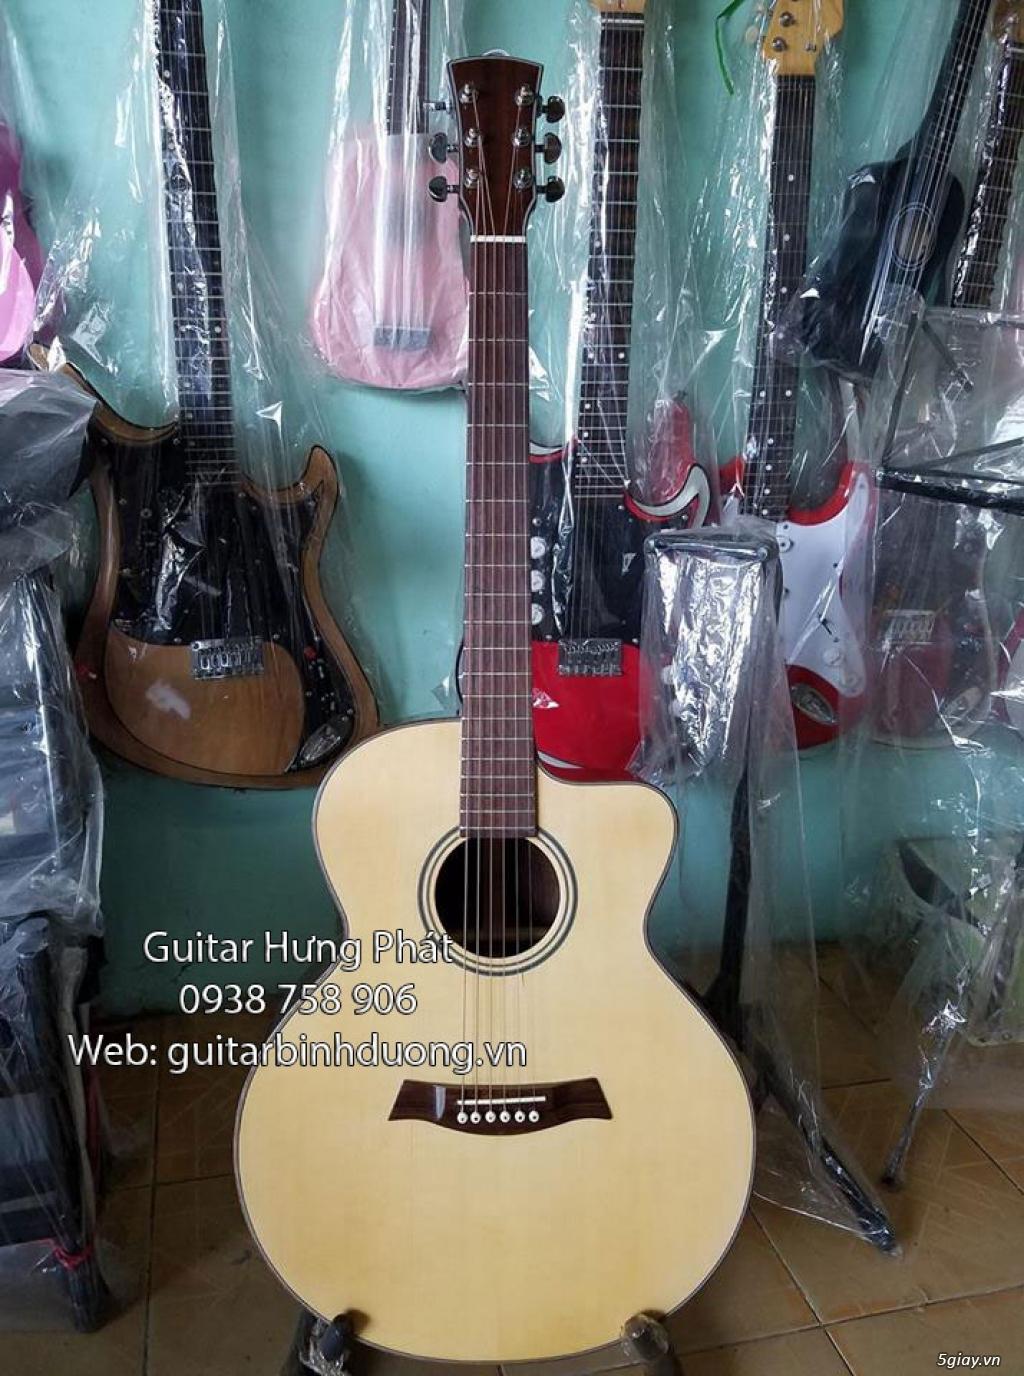 Bán đàn guitar sinh viên giá siêu rẻ toàn quốc tại bình dương - 14